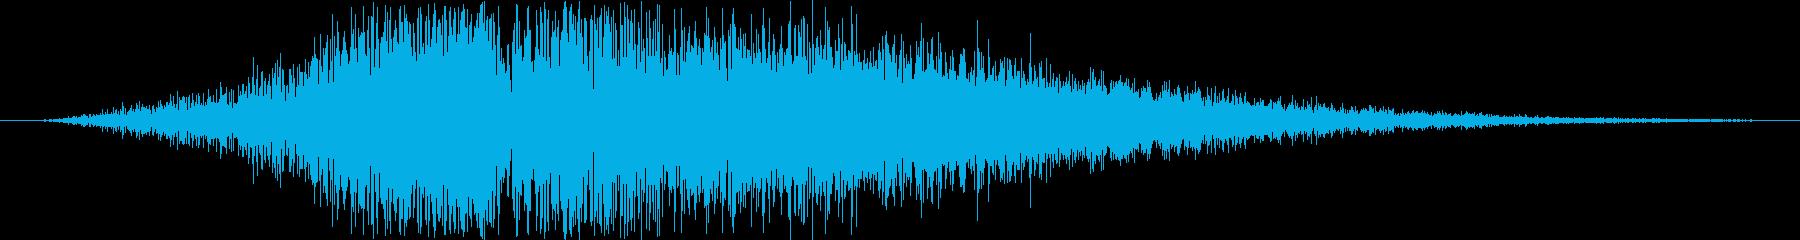 スローモーションの空振りの再生済みの波形